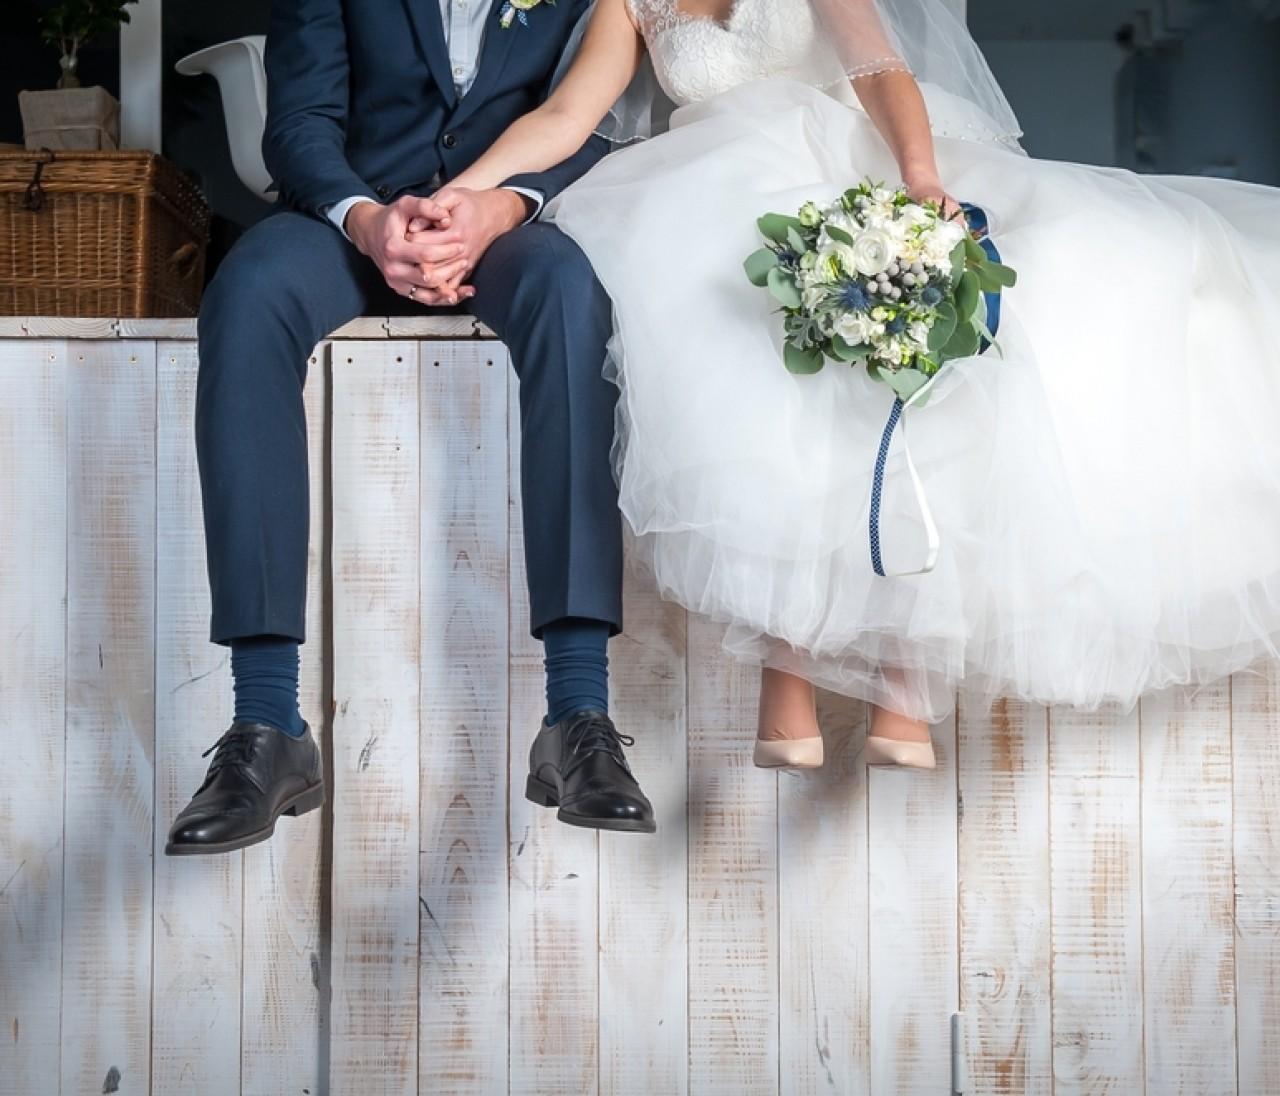 婚活中のバイラ世代と語る会第二弾!【30代ジーコの、本気で婚活!ブログVol.43】